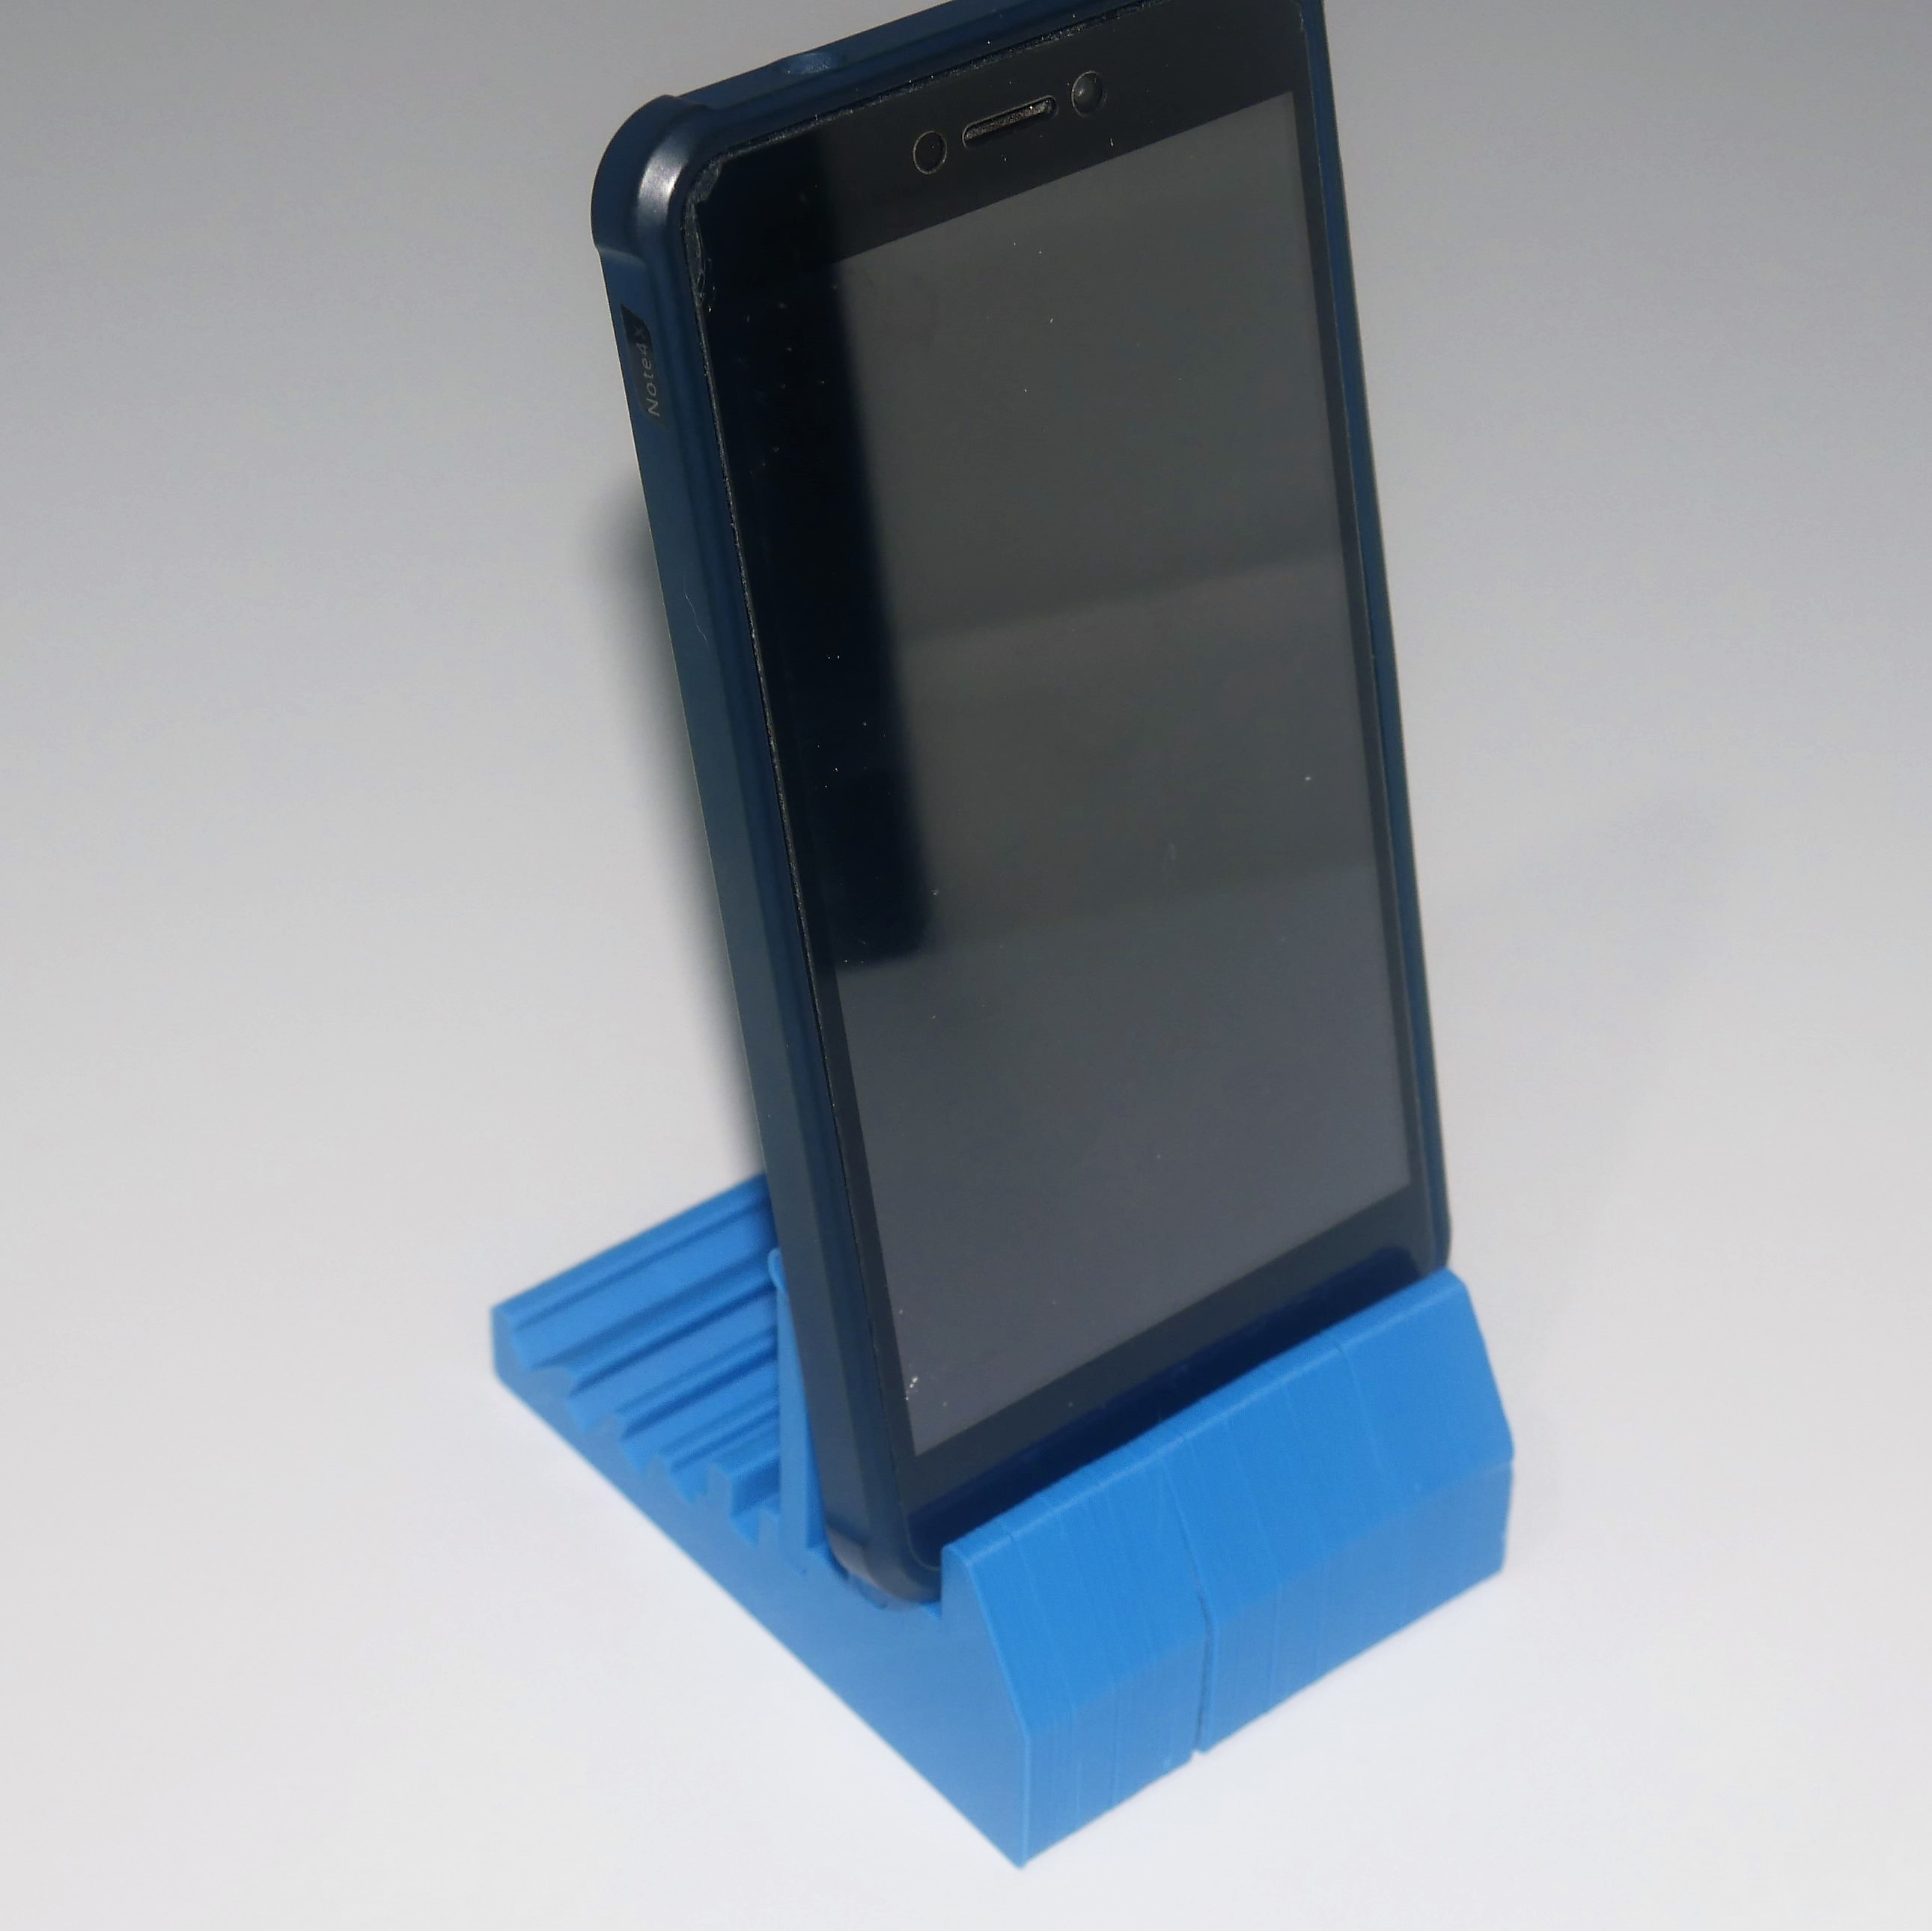 P1000520.JPG Download STL file Adjustable Device Holder[LIFE HACK] • 3D printable design, 3DKSTRO